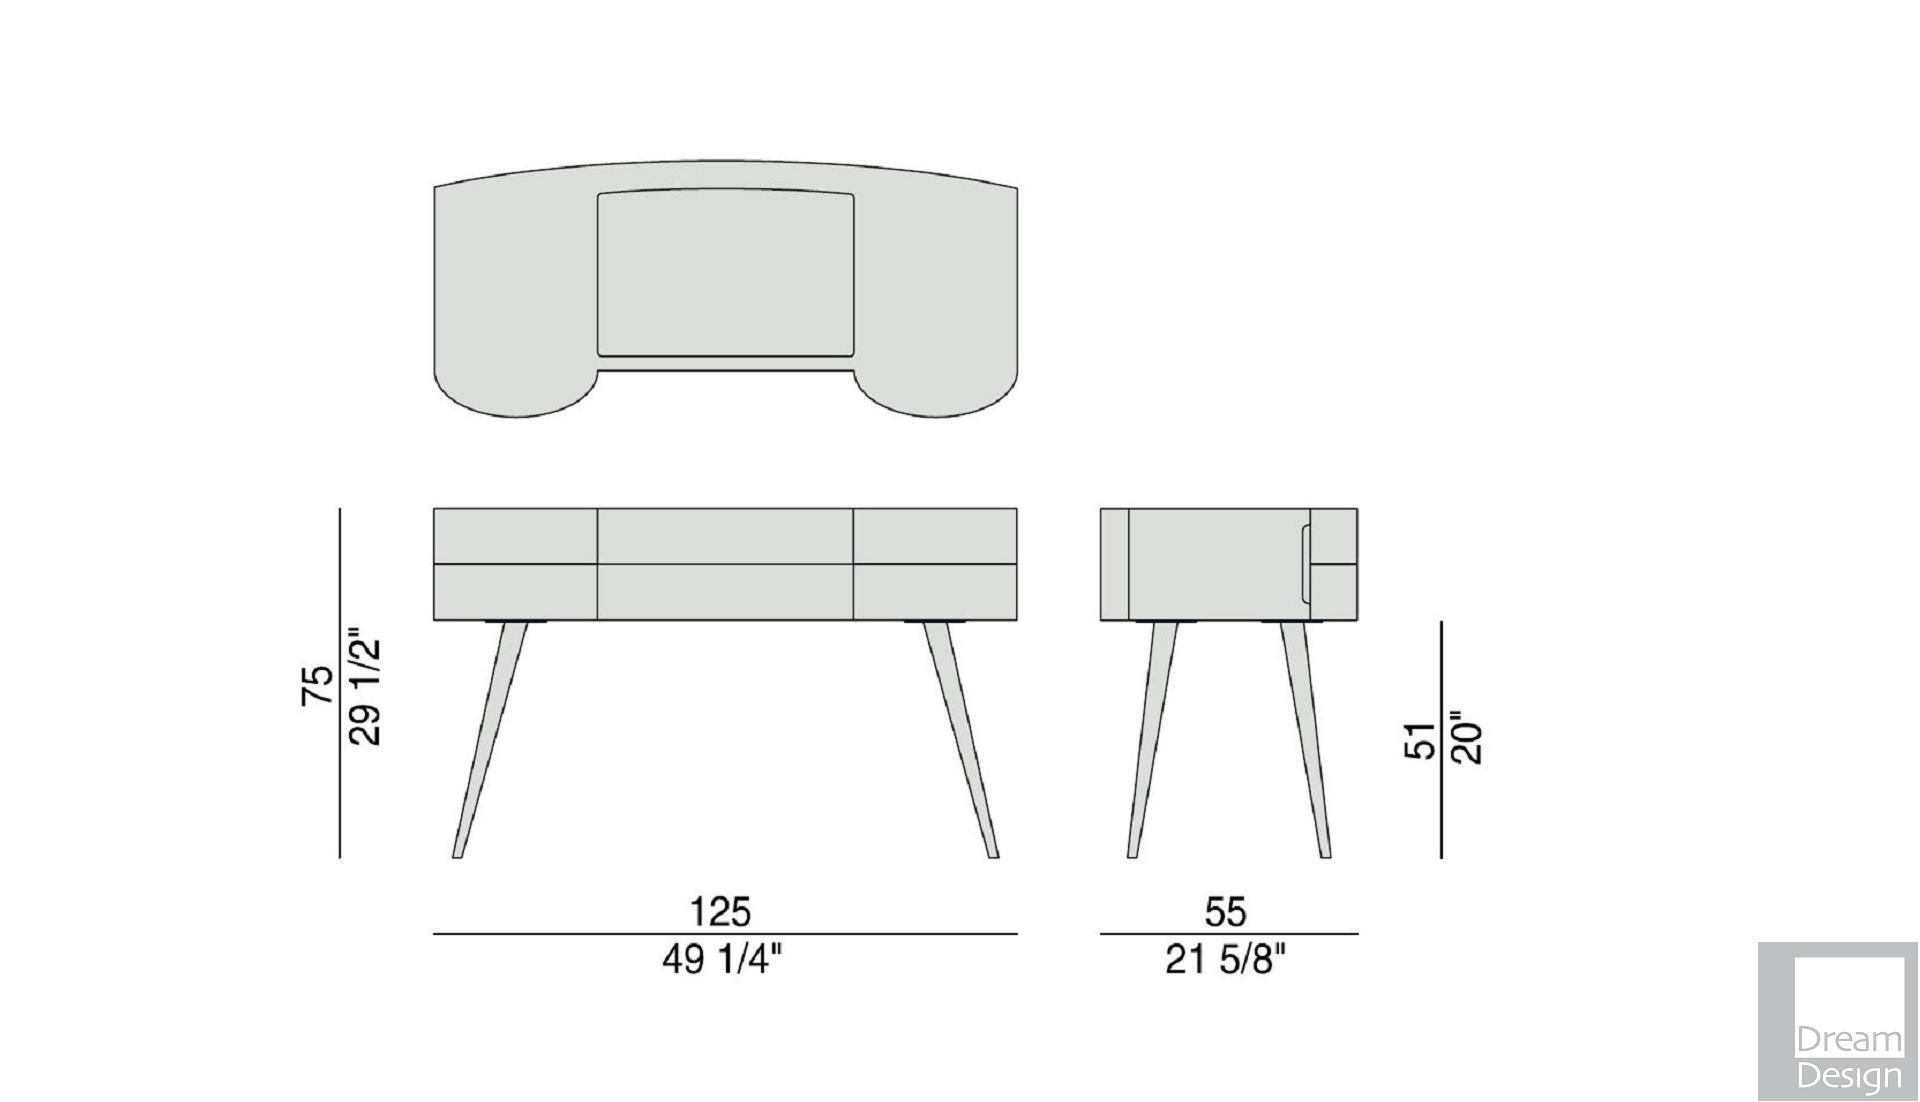 Porada micol dressing table dream design interiors ltd for Porada beauty dressing table